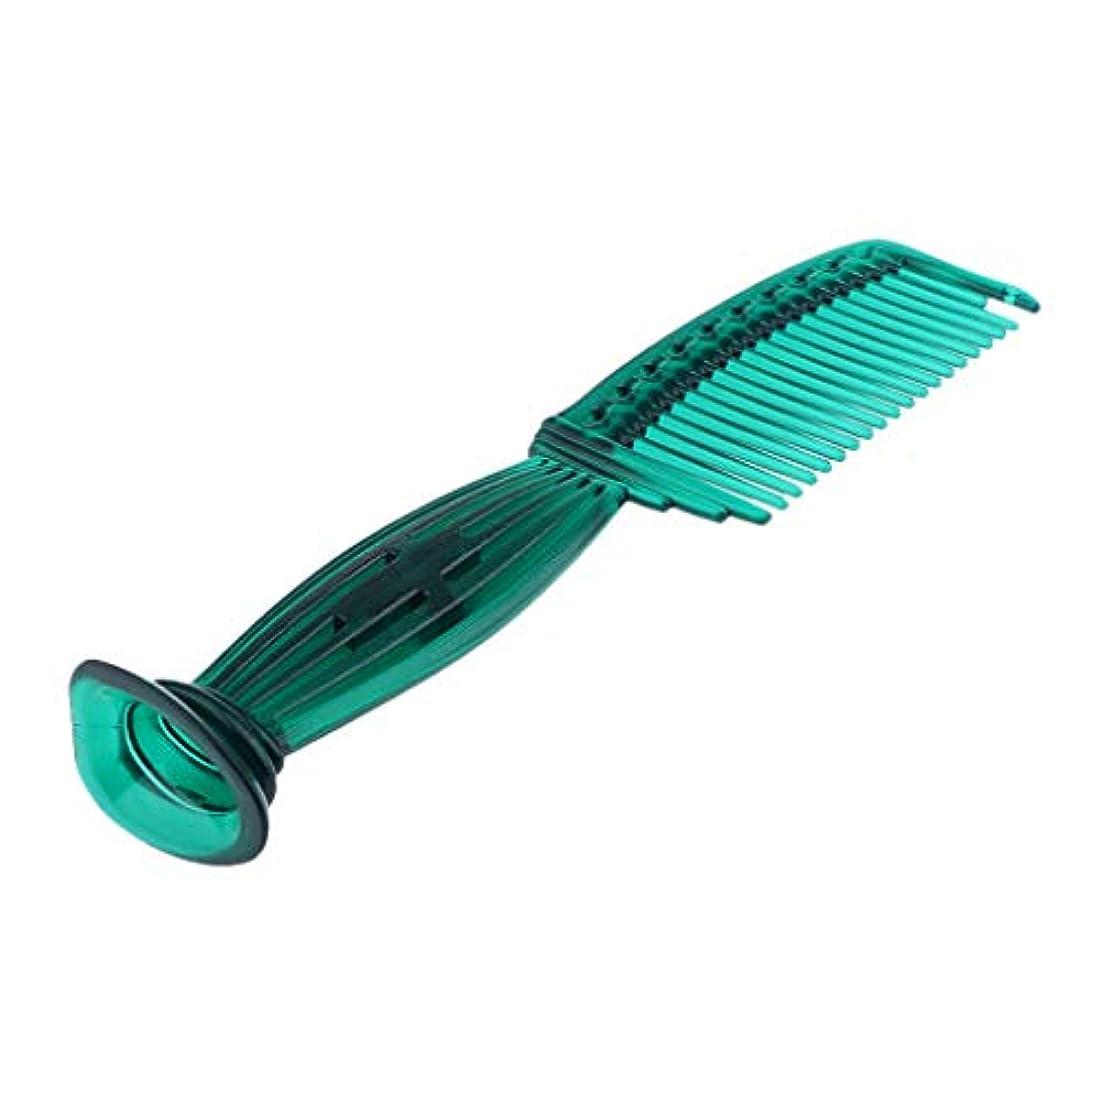 雄弁なパーティー前提条件ヘアコーム ヘアブラシ ラウンドチップ ワイドスペースの歯 頭皮保護 櫛 5色選べ - 緑